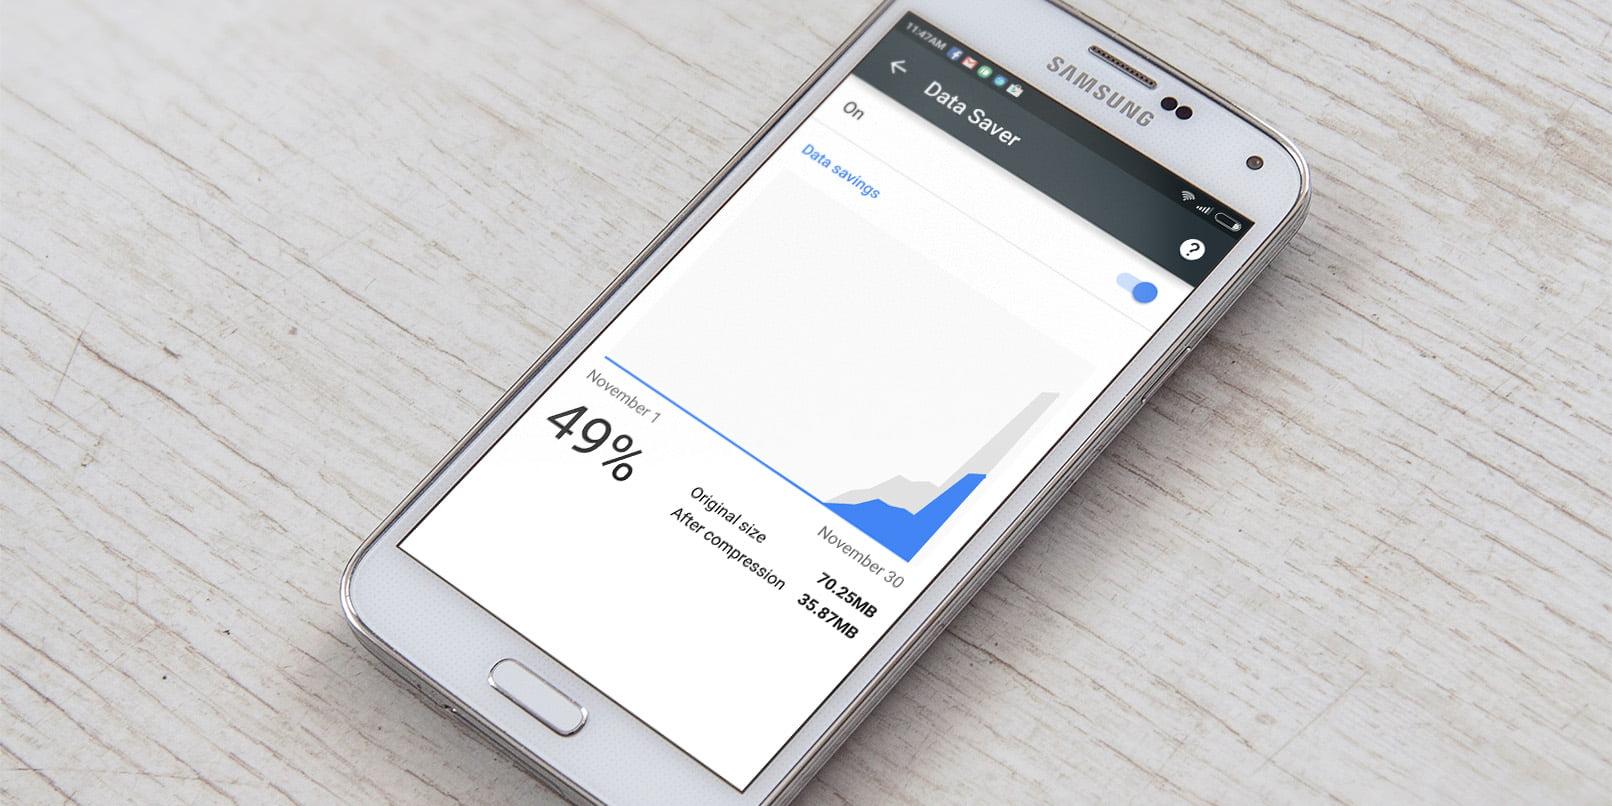 Chrome for Android, internet yavaşladığında naz yapmayacak